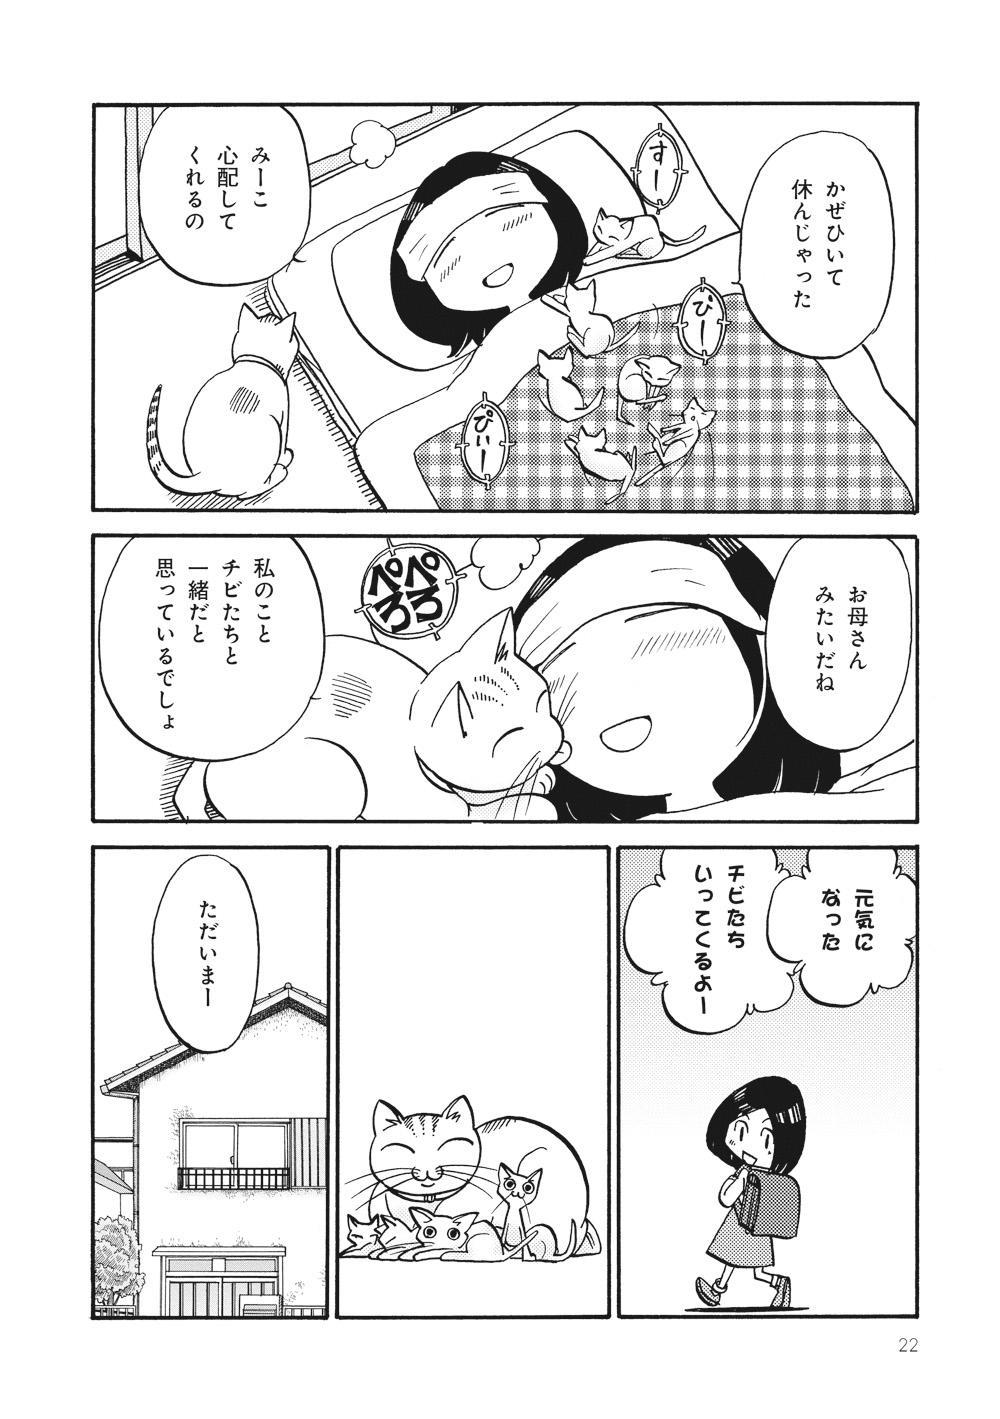 縁距離な夫婦_022.jpg